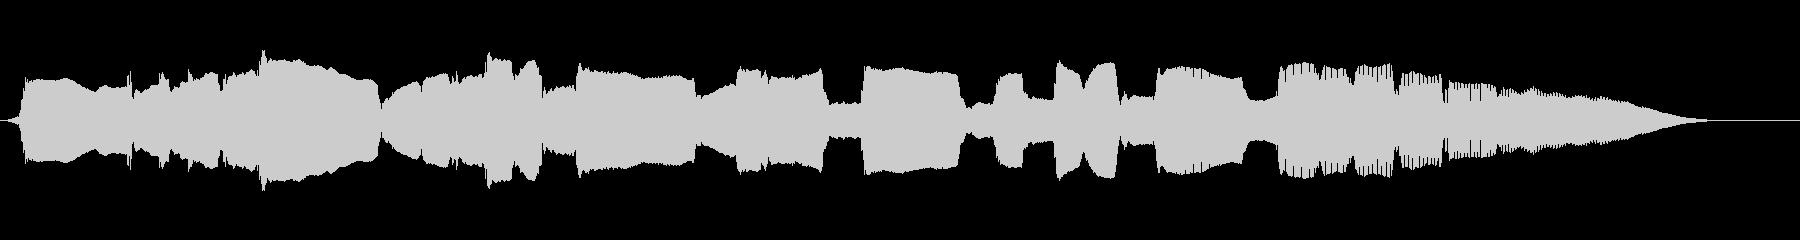 BASSOON:フローティングアク...の未再生の波形